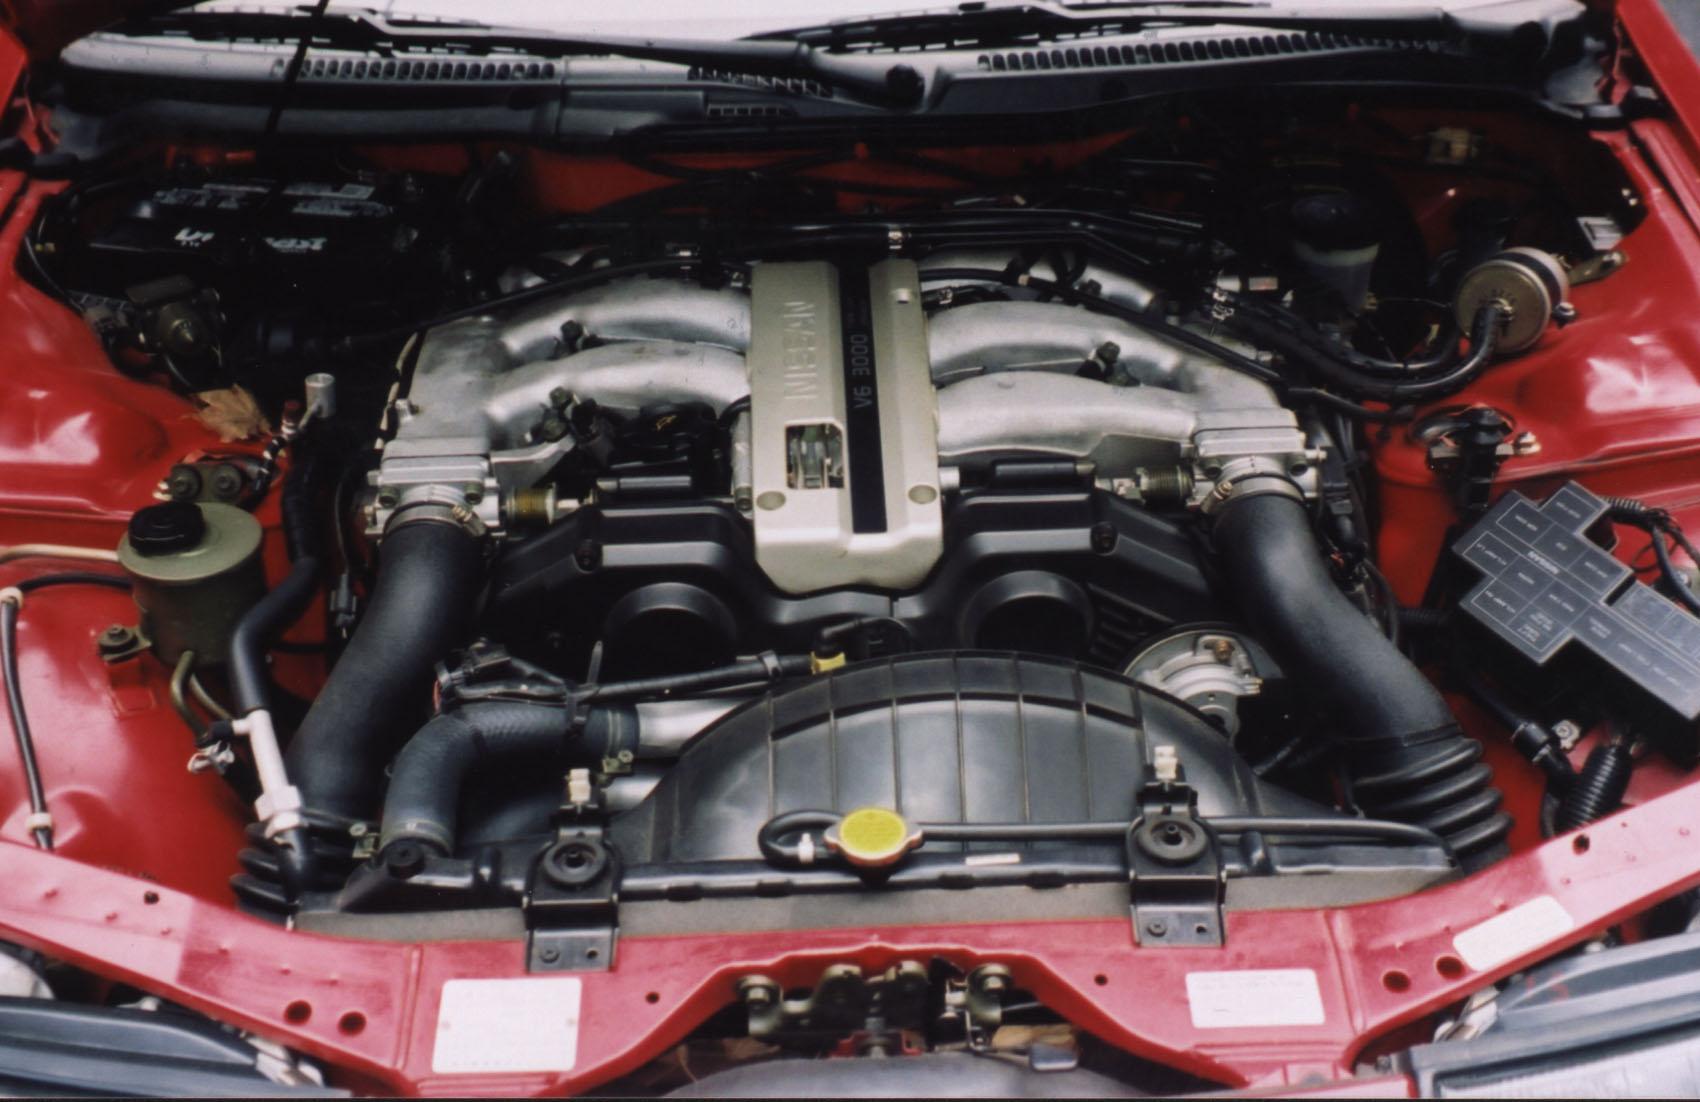 1986 Nissan 300zx Engine Diagram